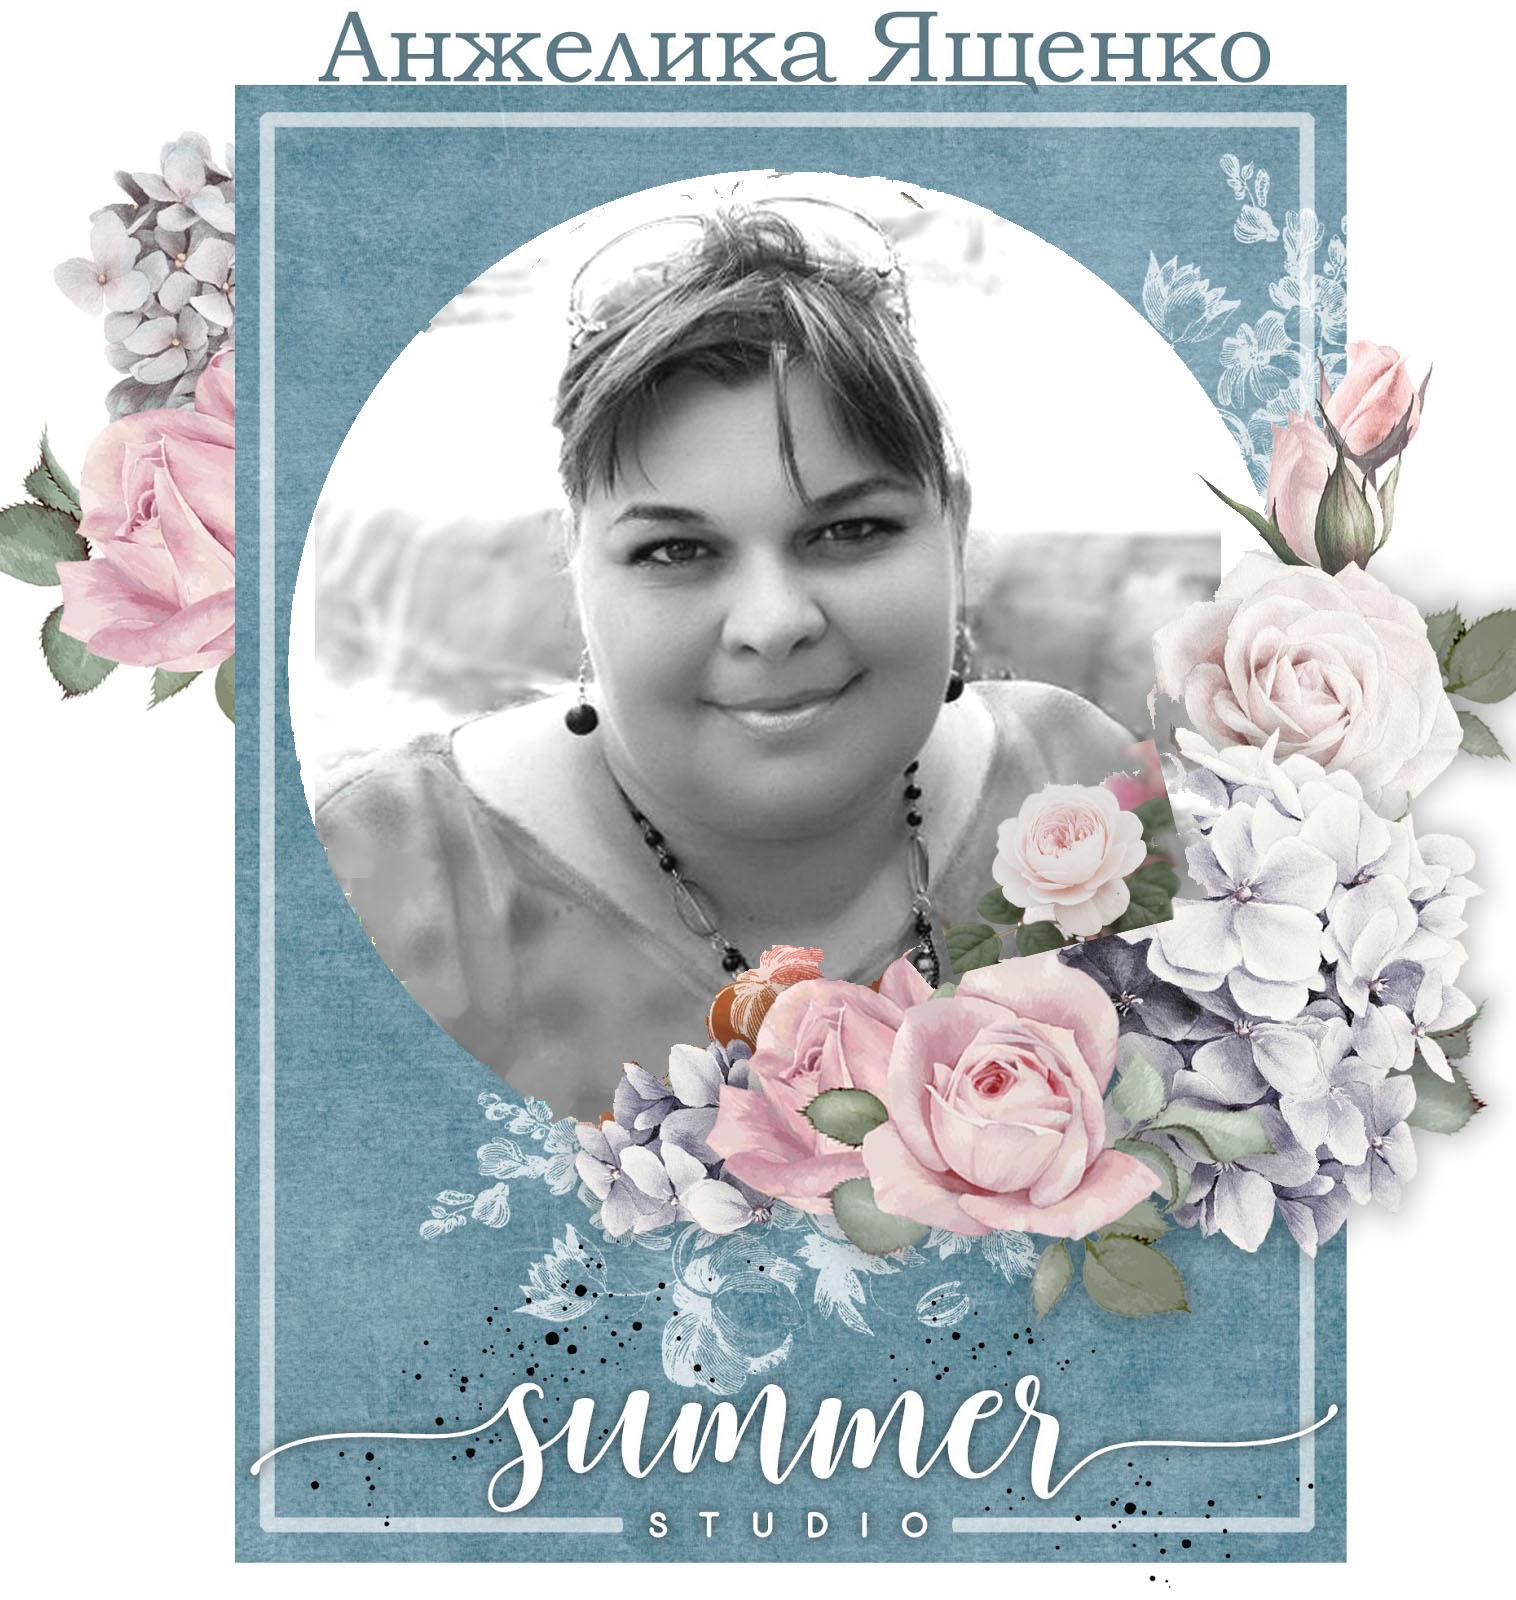 в ДК Summer Studio администратор блога и группы